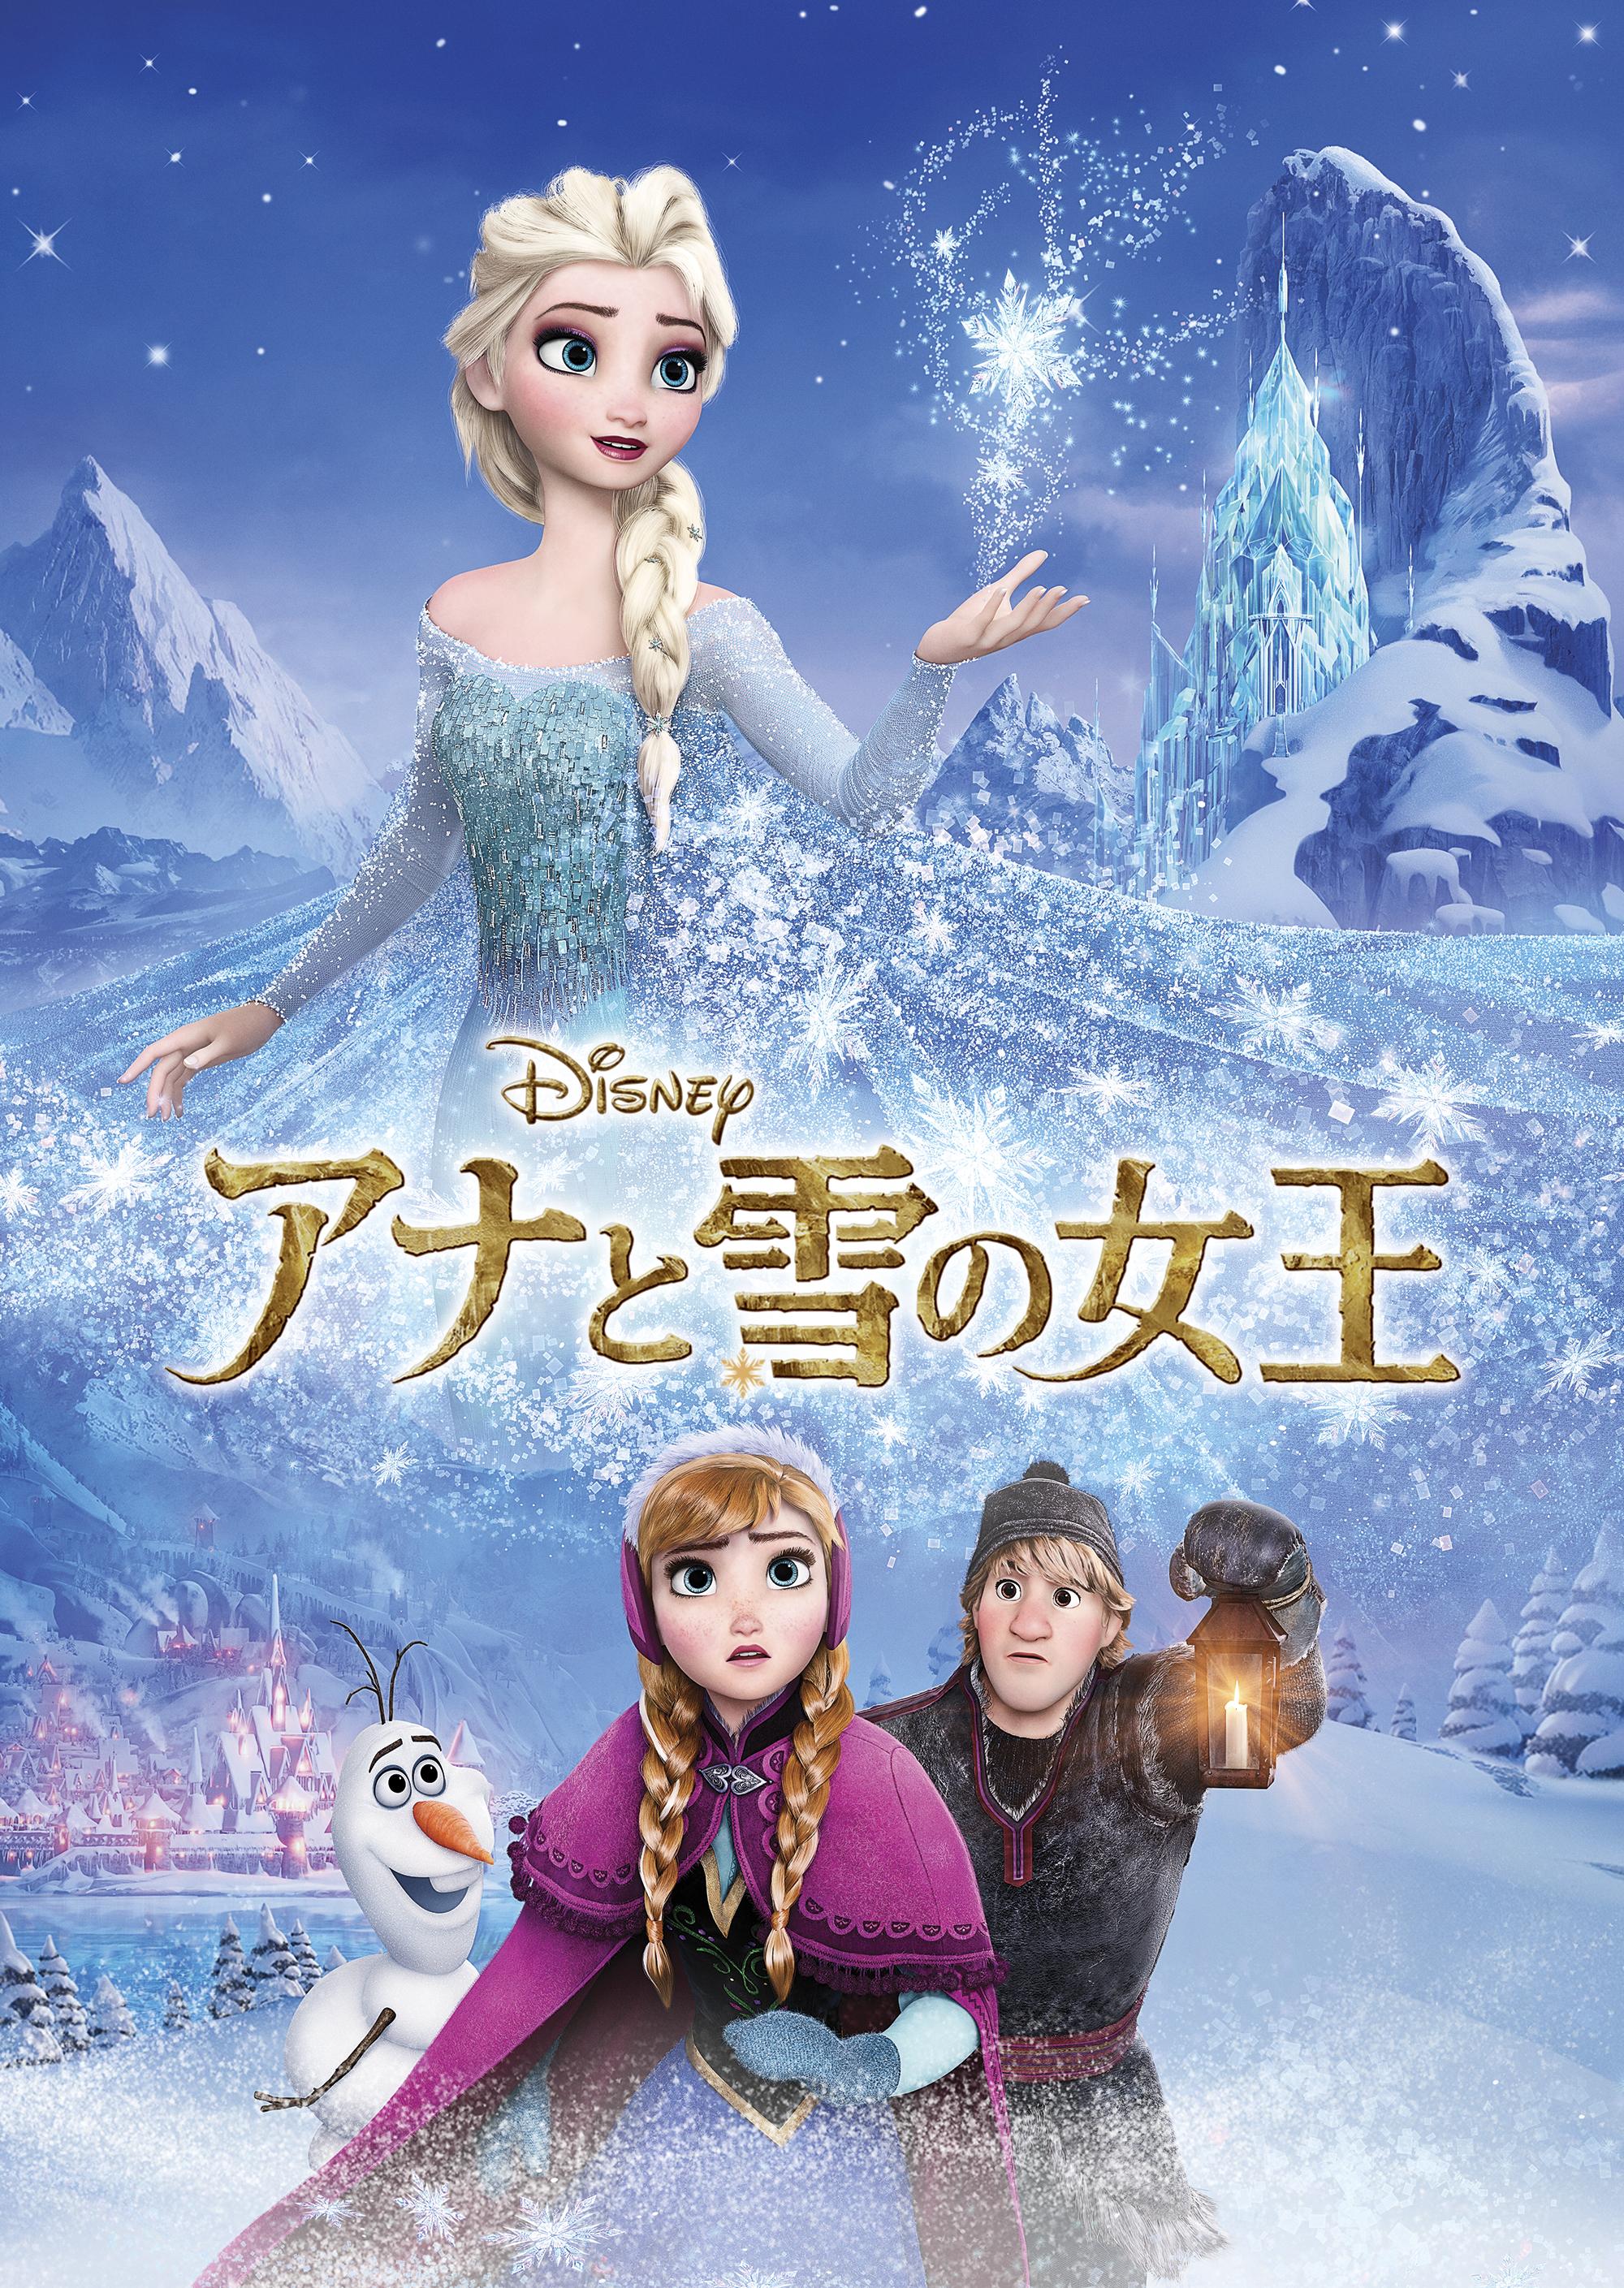 «Холодное Сердце 2 Мультфильм 2015 Смотреть Онлайн» — 2017